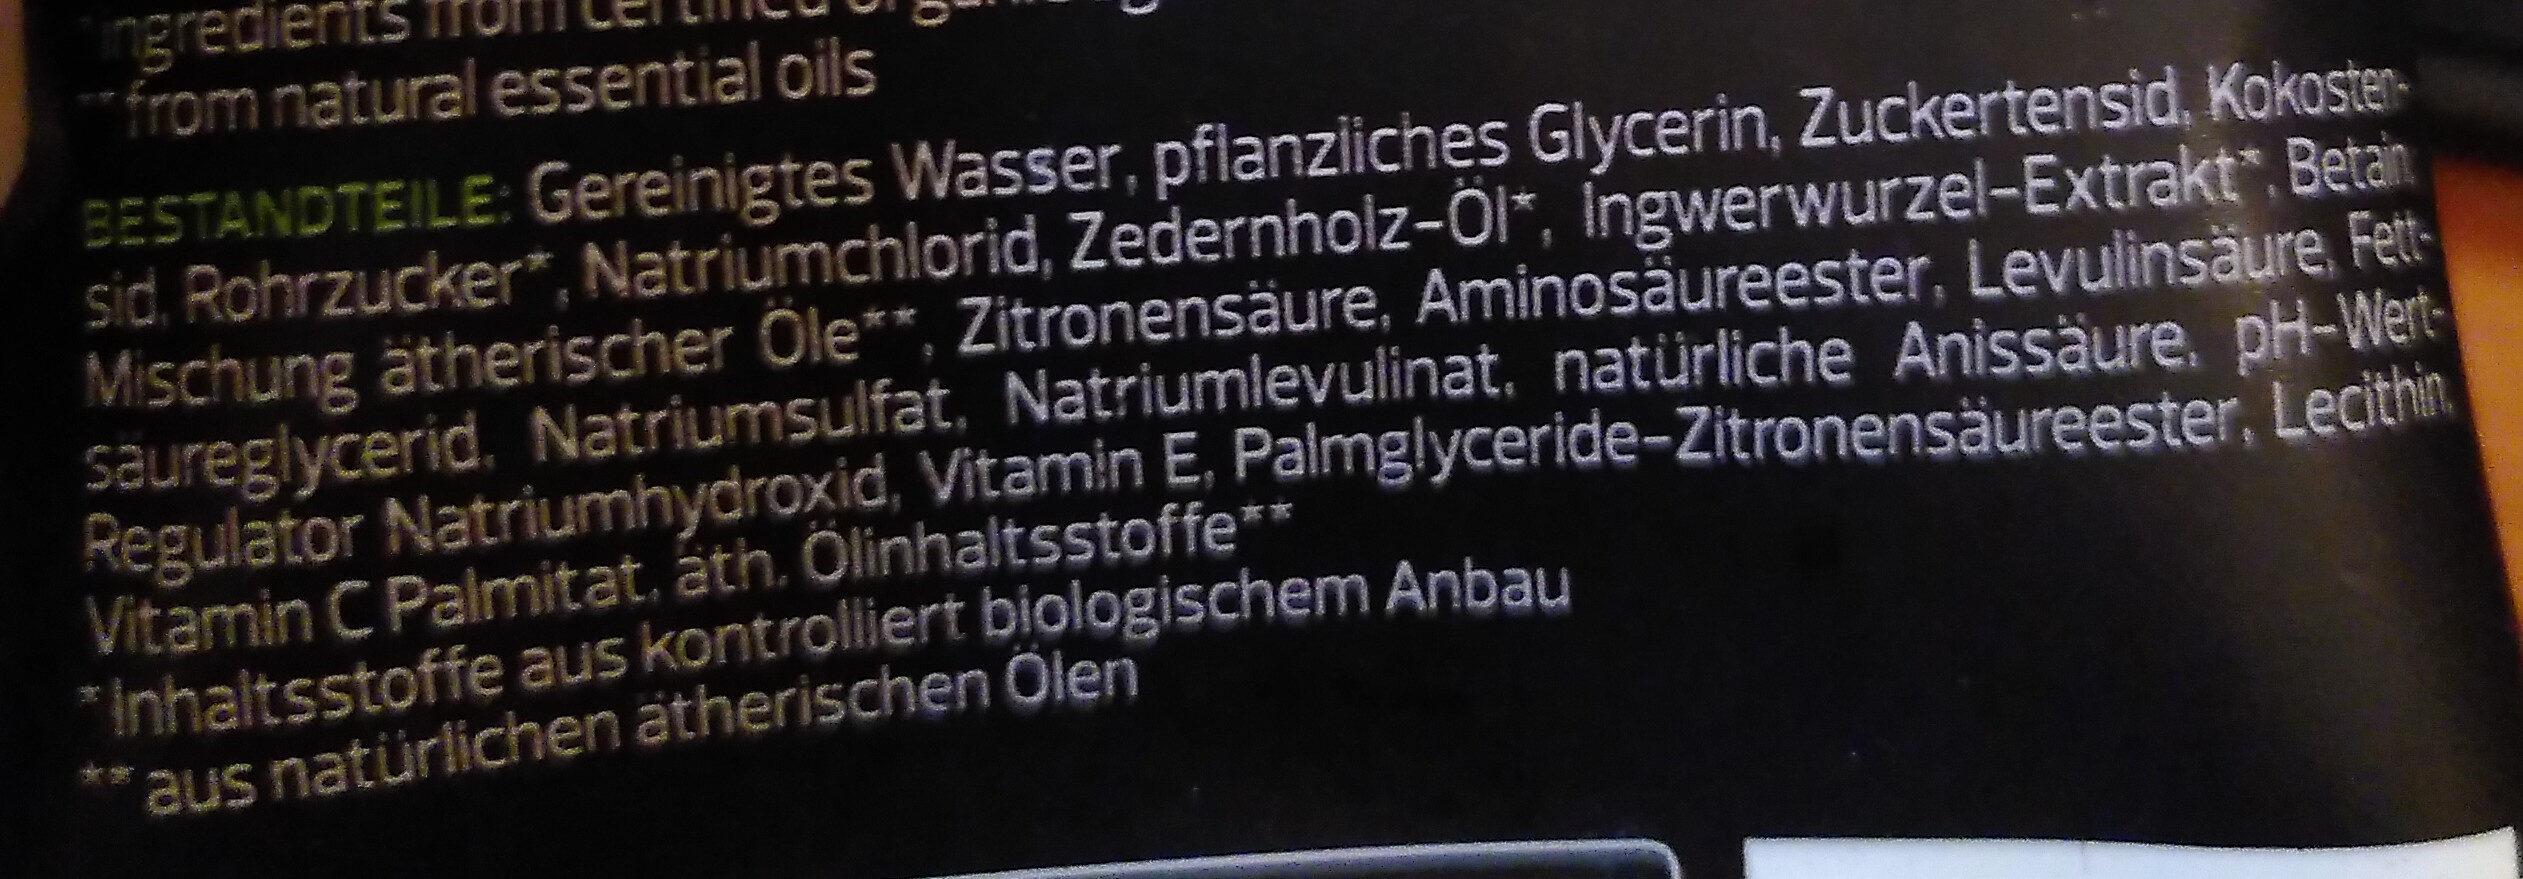 Rough Nature Shower Gel Men - Ingredients - de